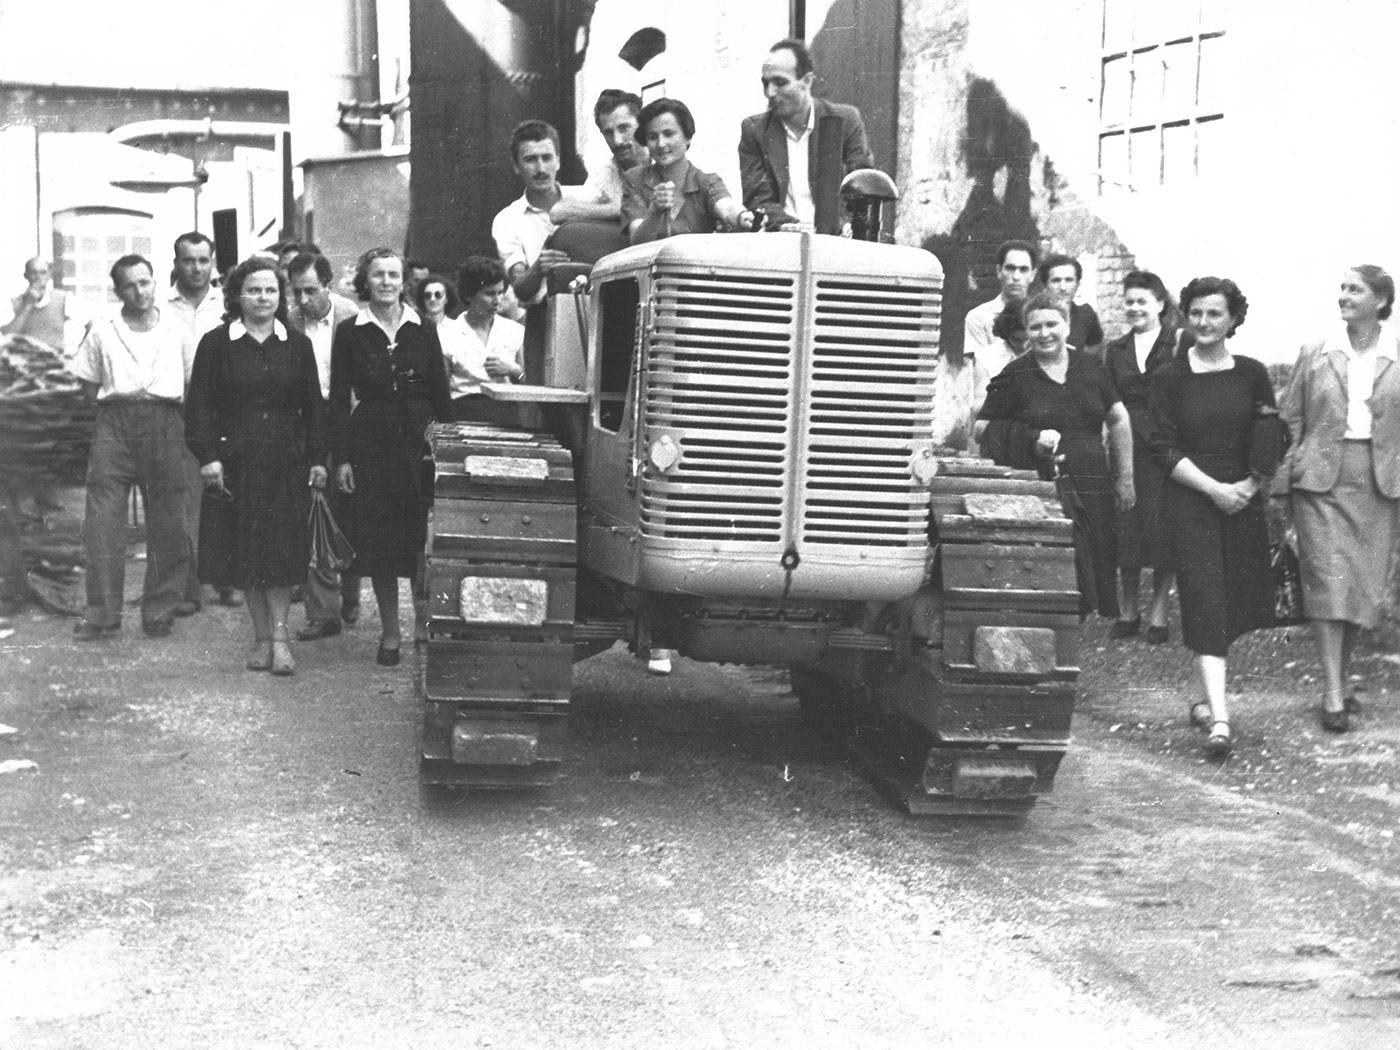 SFILATA DEL TRATTORE R60 GIACOMINA CASTAGNETTI ALLA GUIDA ALL'INTERNO DELLO STABILIMENTO DELLE OFFICINE MECCANICHE REGGIANE FOTOTECA ISTORECO, REGGIO EMILIA 1951